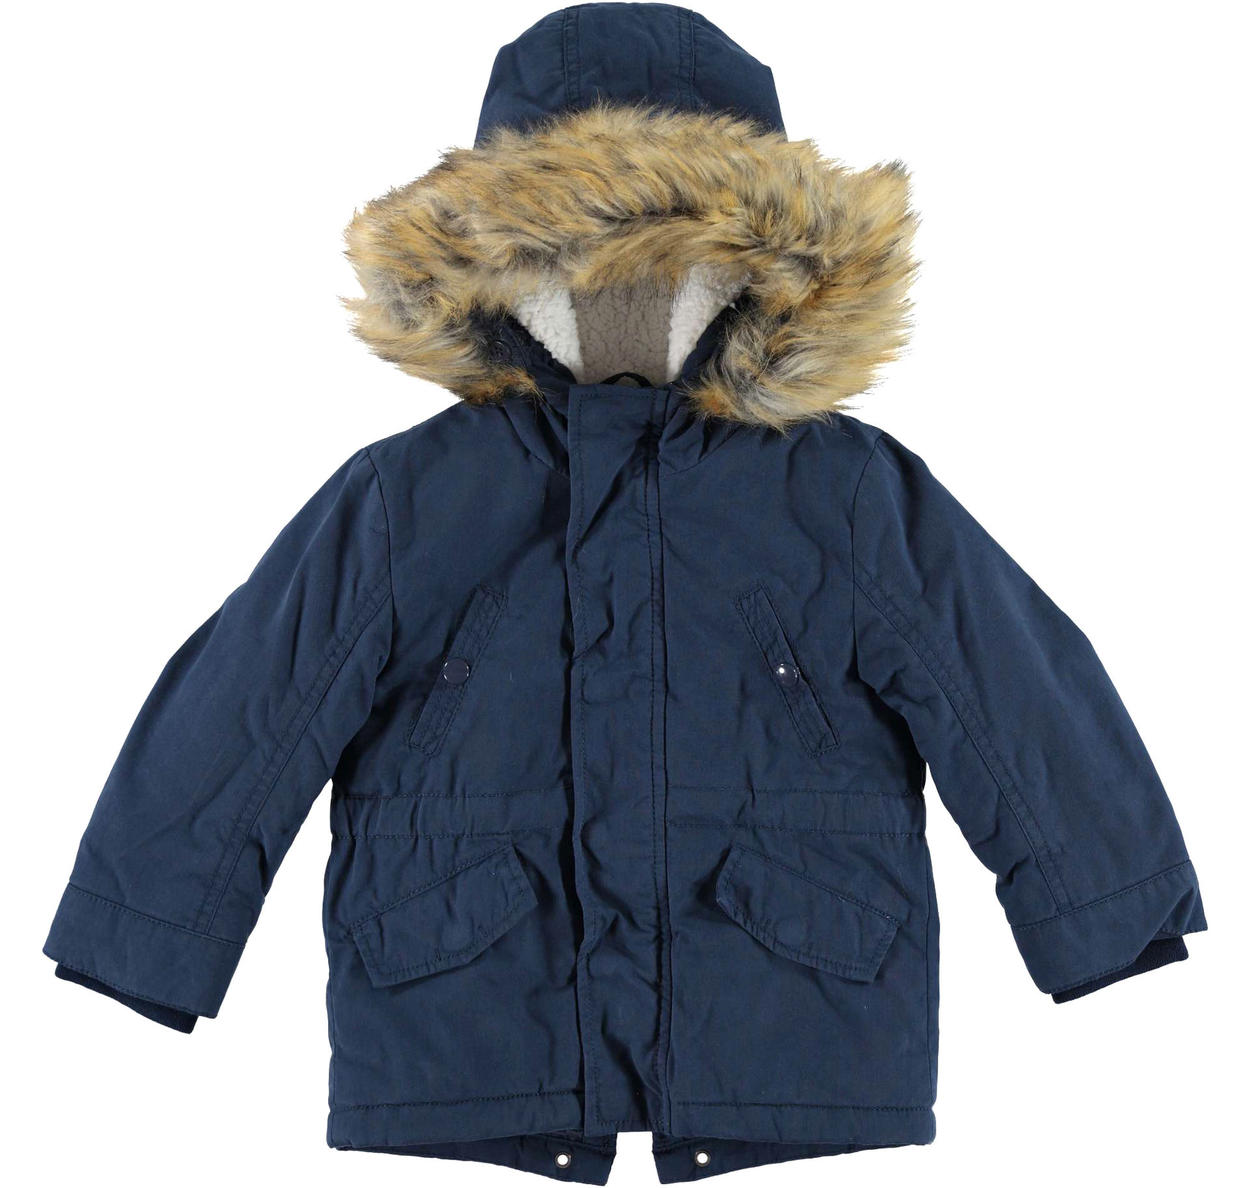 info for ff772 d5bea Giubbotto parka invernale con cappuccio rifinito in eco pelliccia per  bambino da 6 mesi a 7 anni iDO